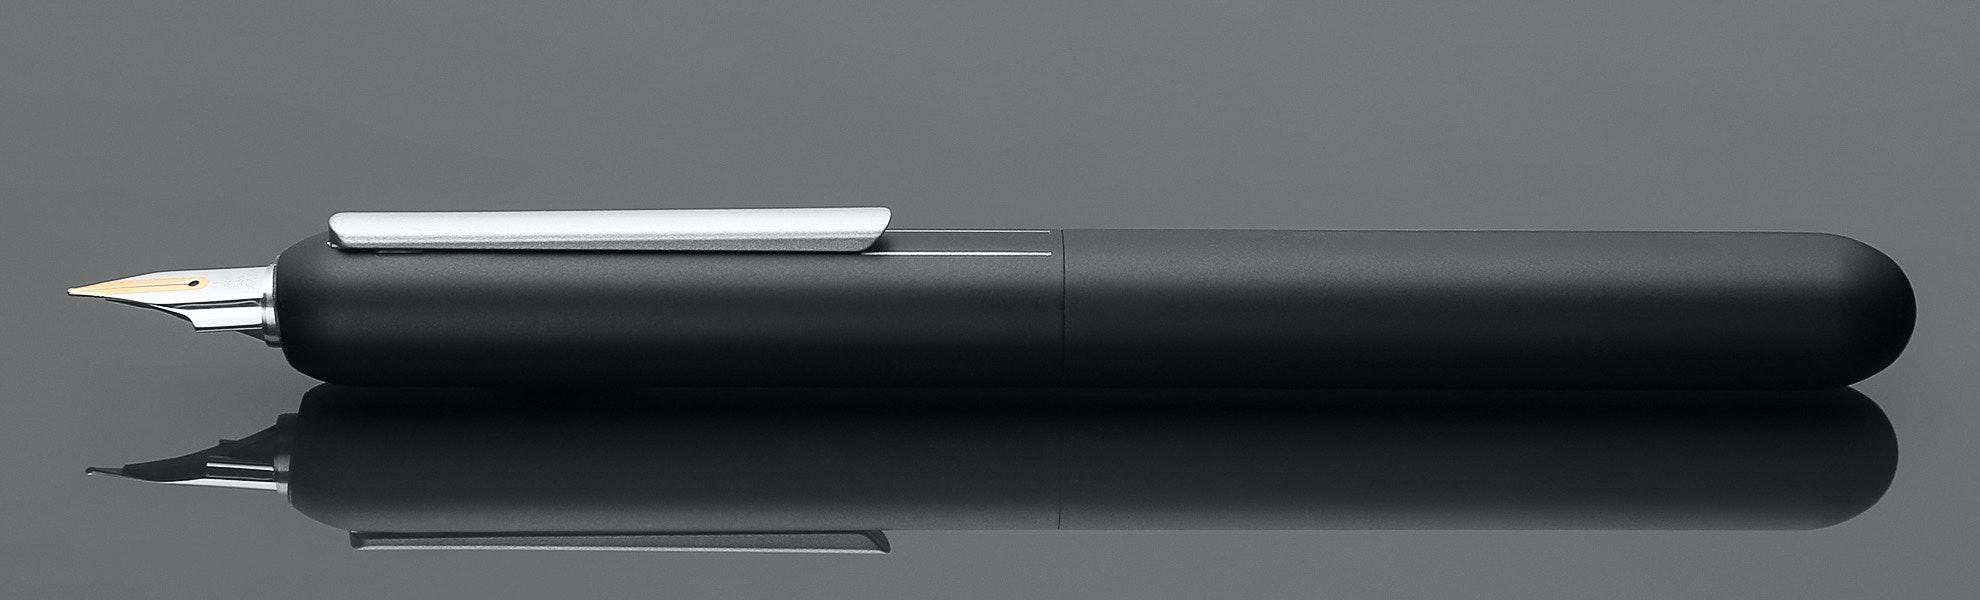 LAMY Dialog 3 Fountain Pen